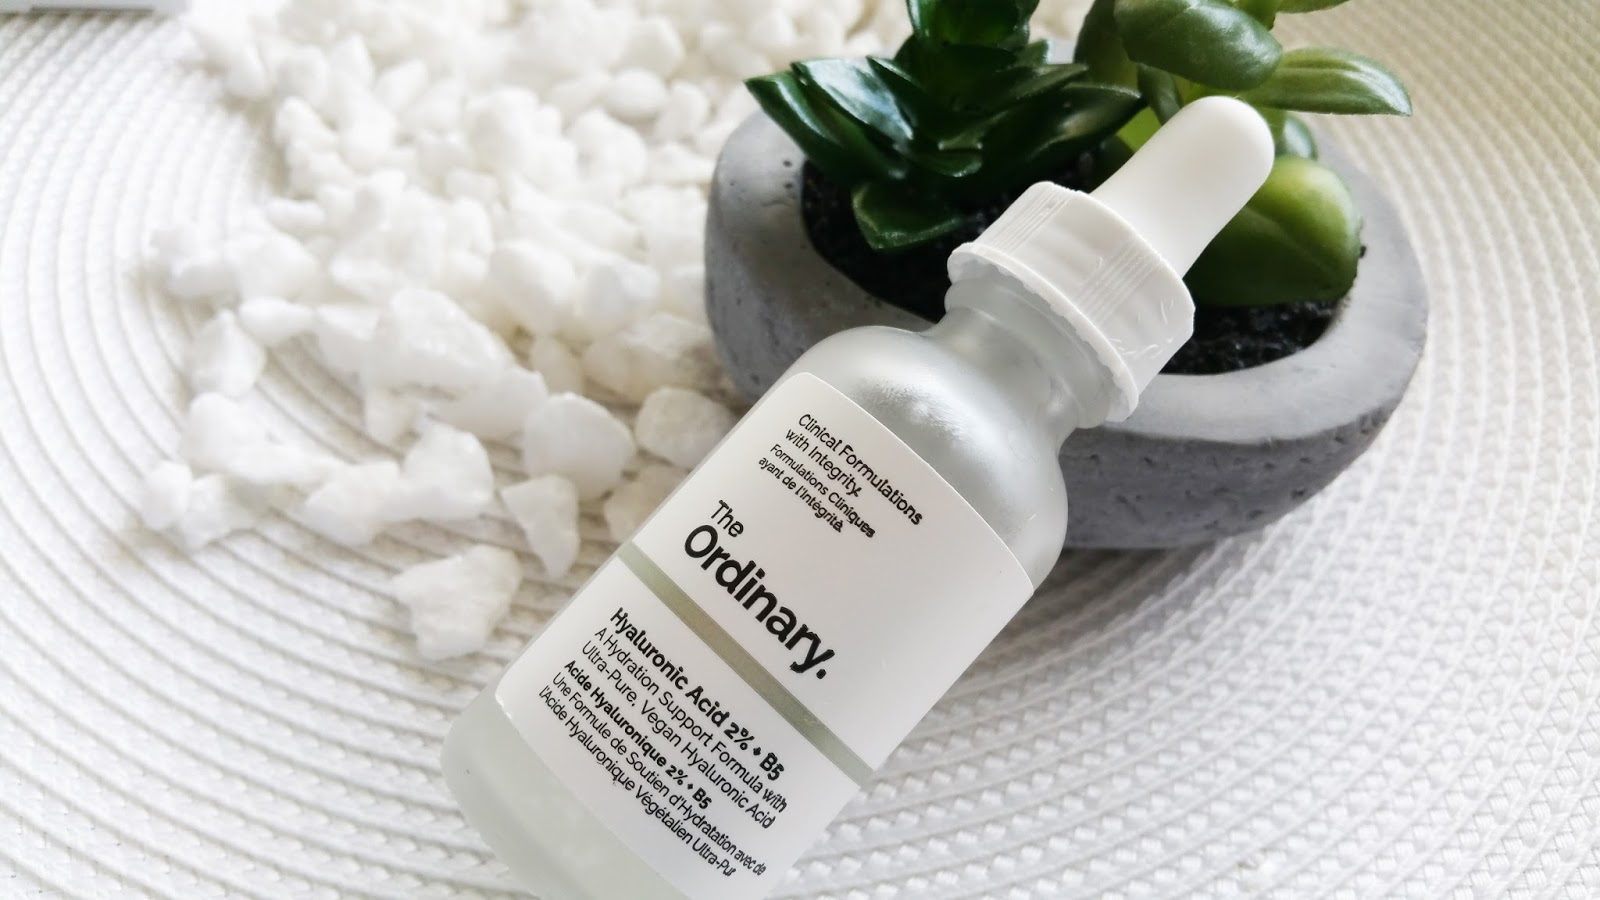 Sản phẩm được đánh giá là serum cấp ẩm cho da khô mang lại hiệu quả siêu đẳng đấy